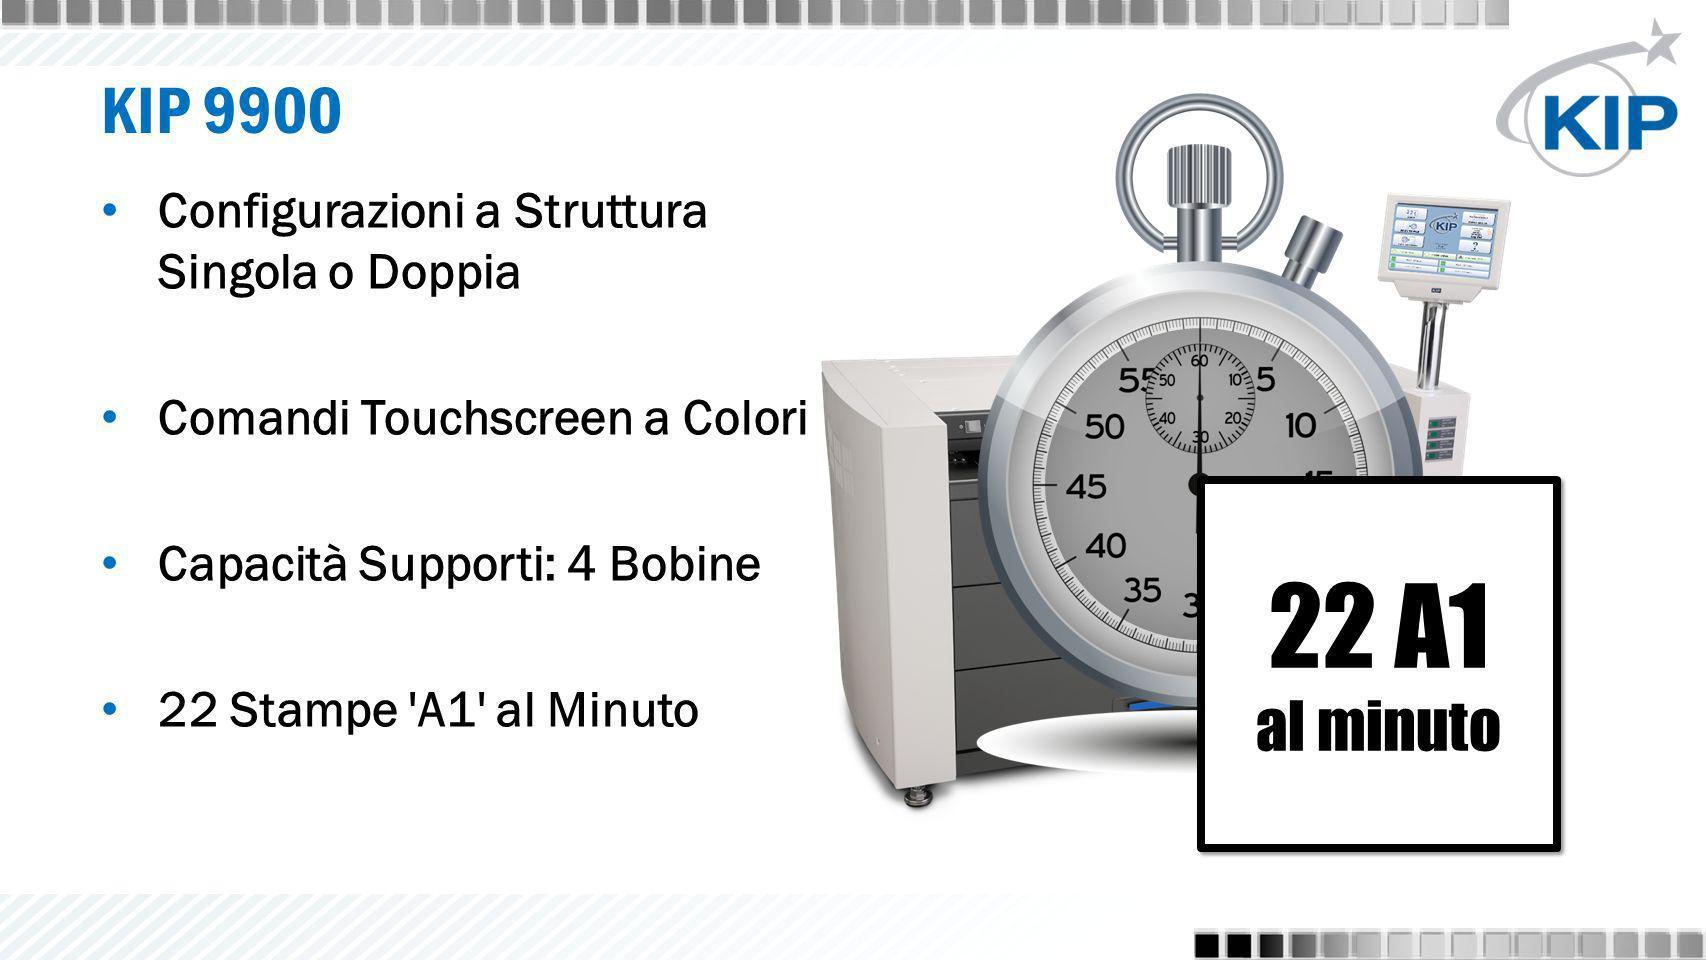 KIP 9900 - Cloud Printing